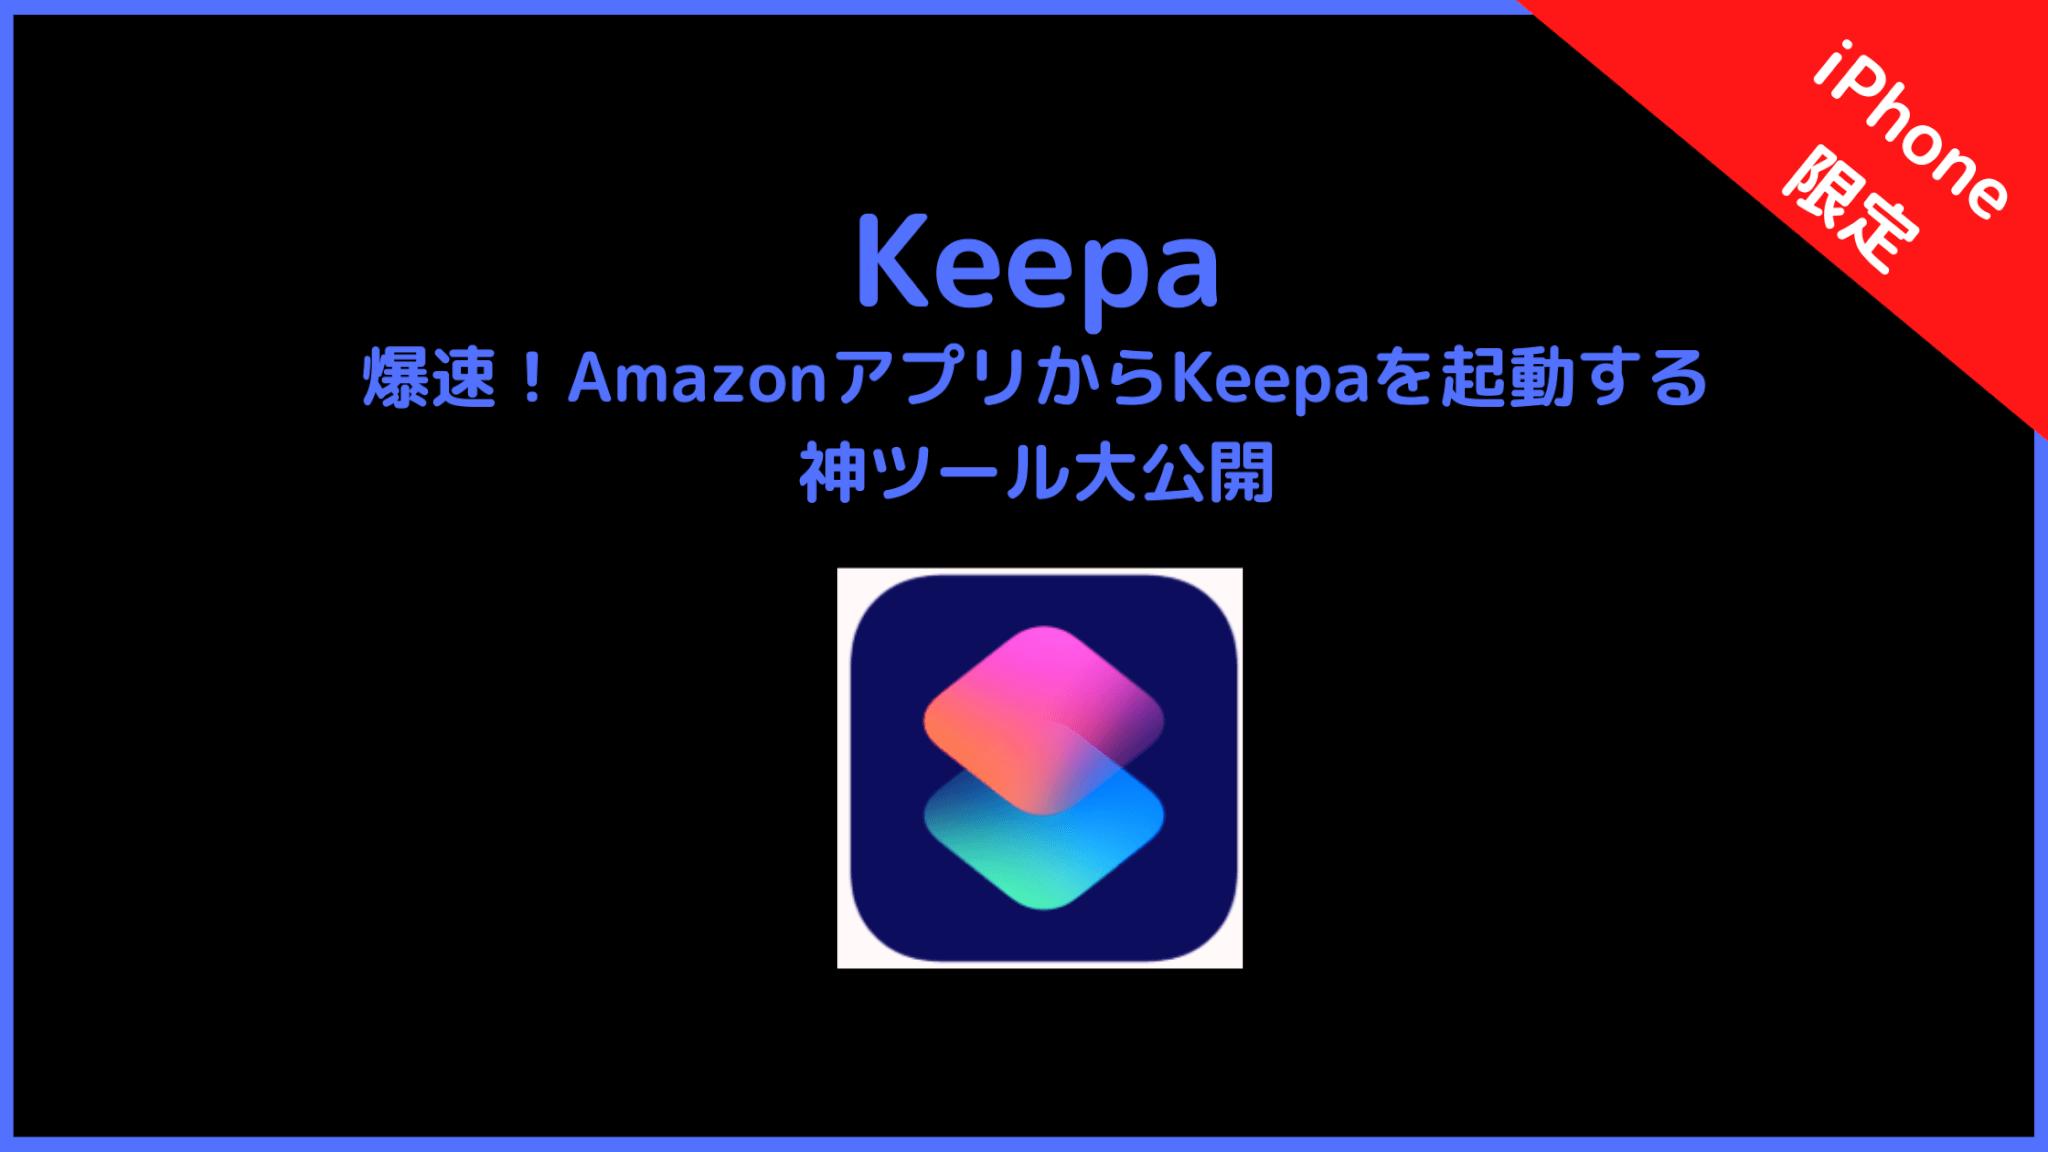 爆速!AmazonアプリからKeepaを起動する神ツールを大公開